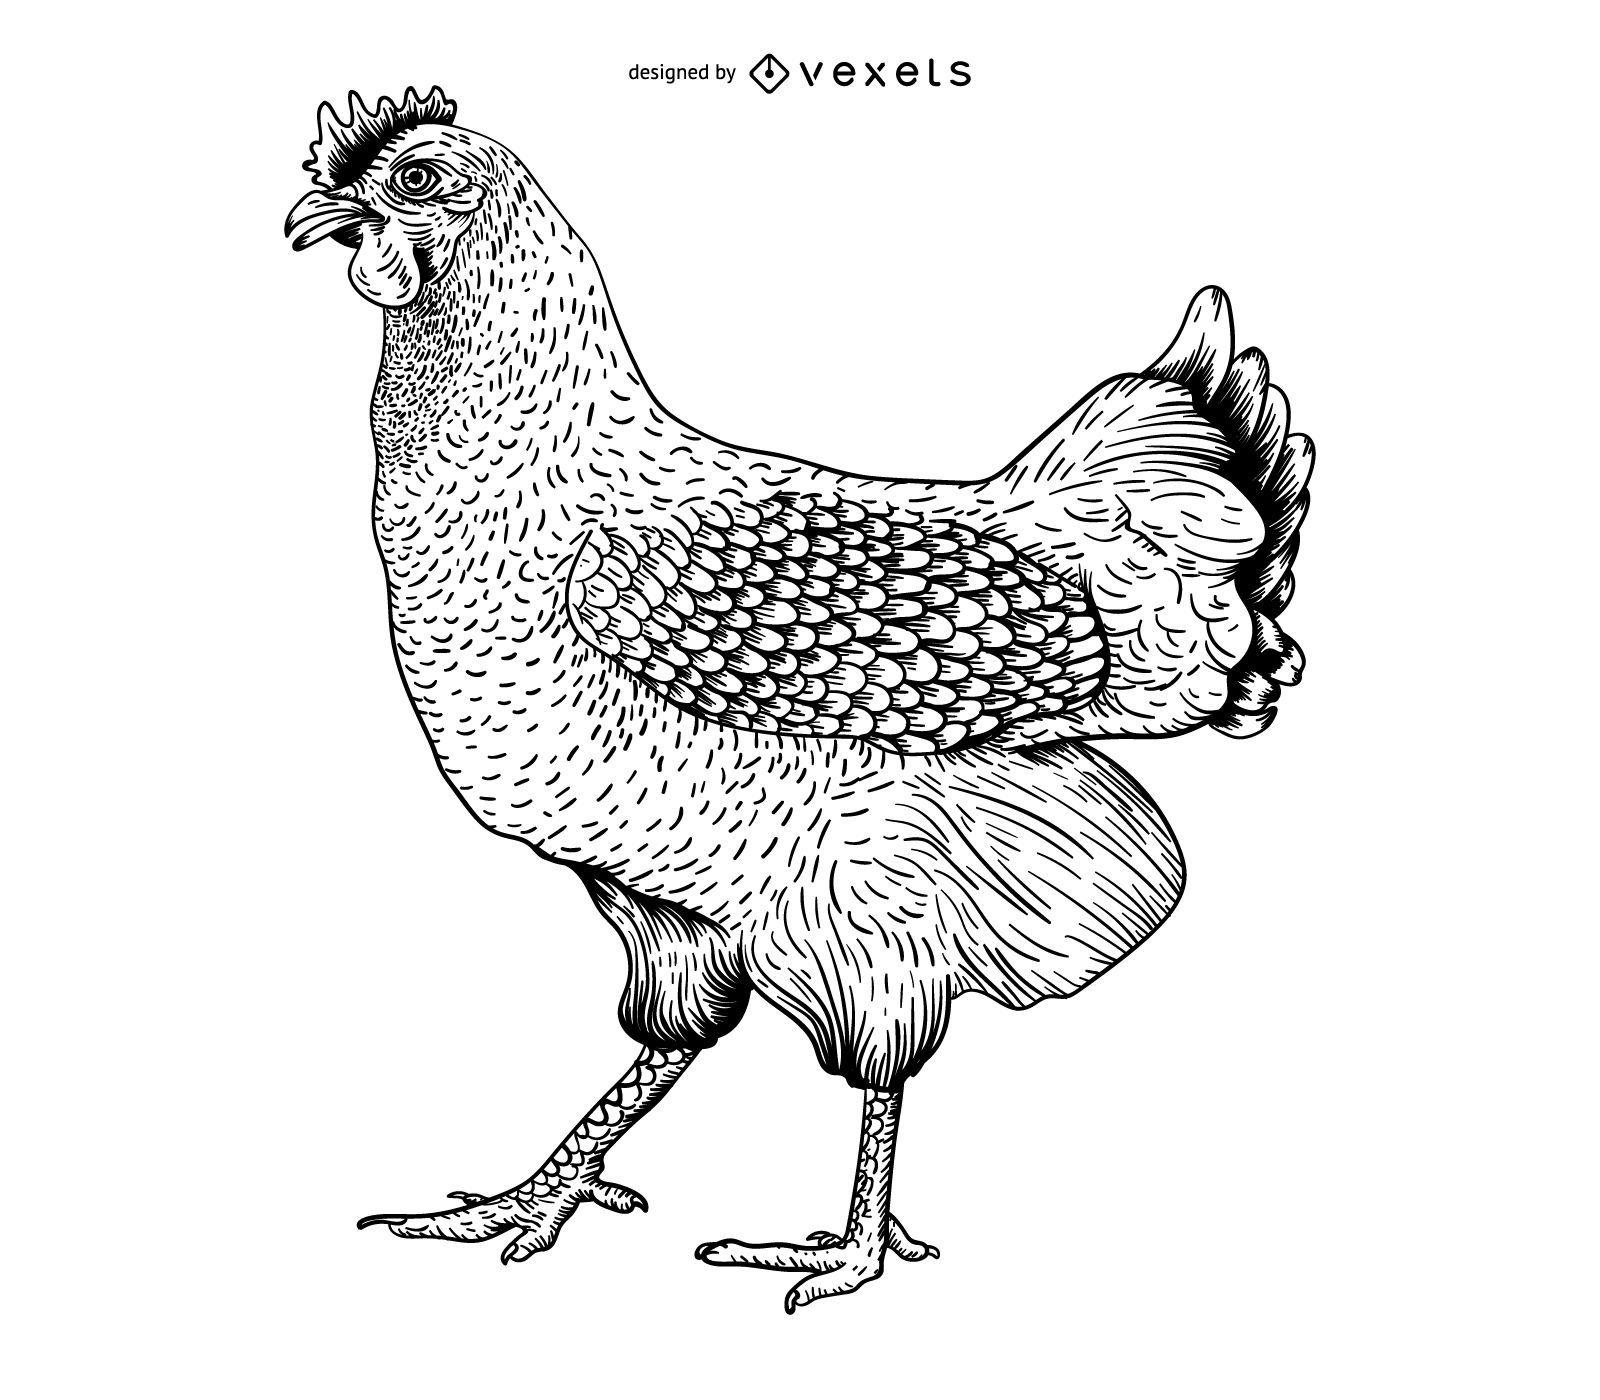 Chicken engraving illustration